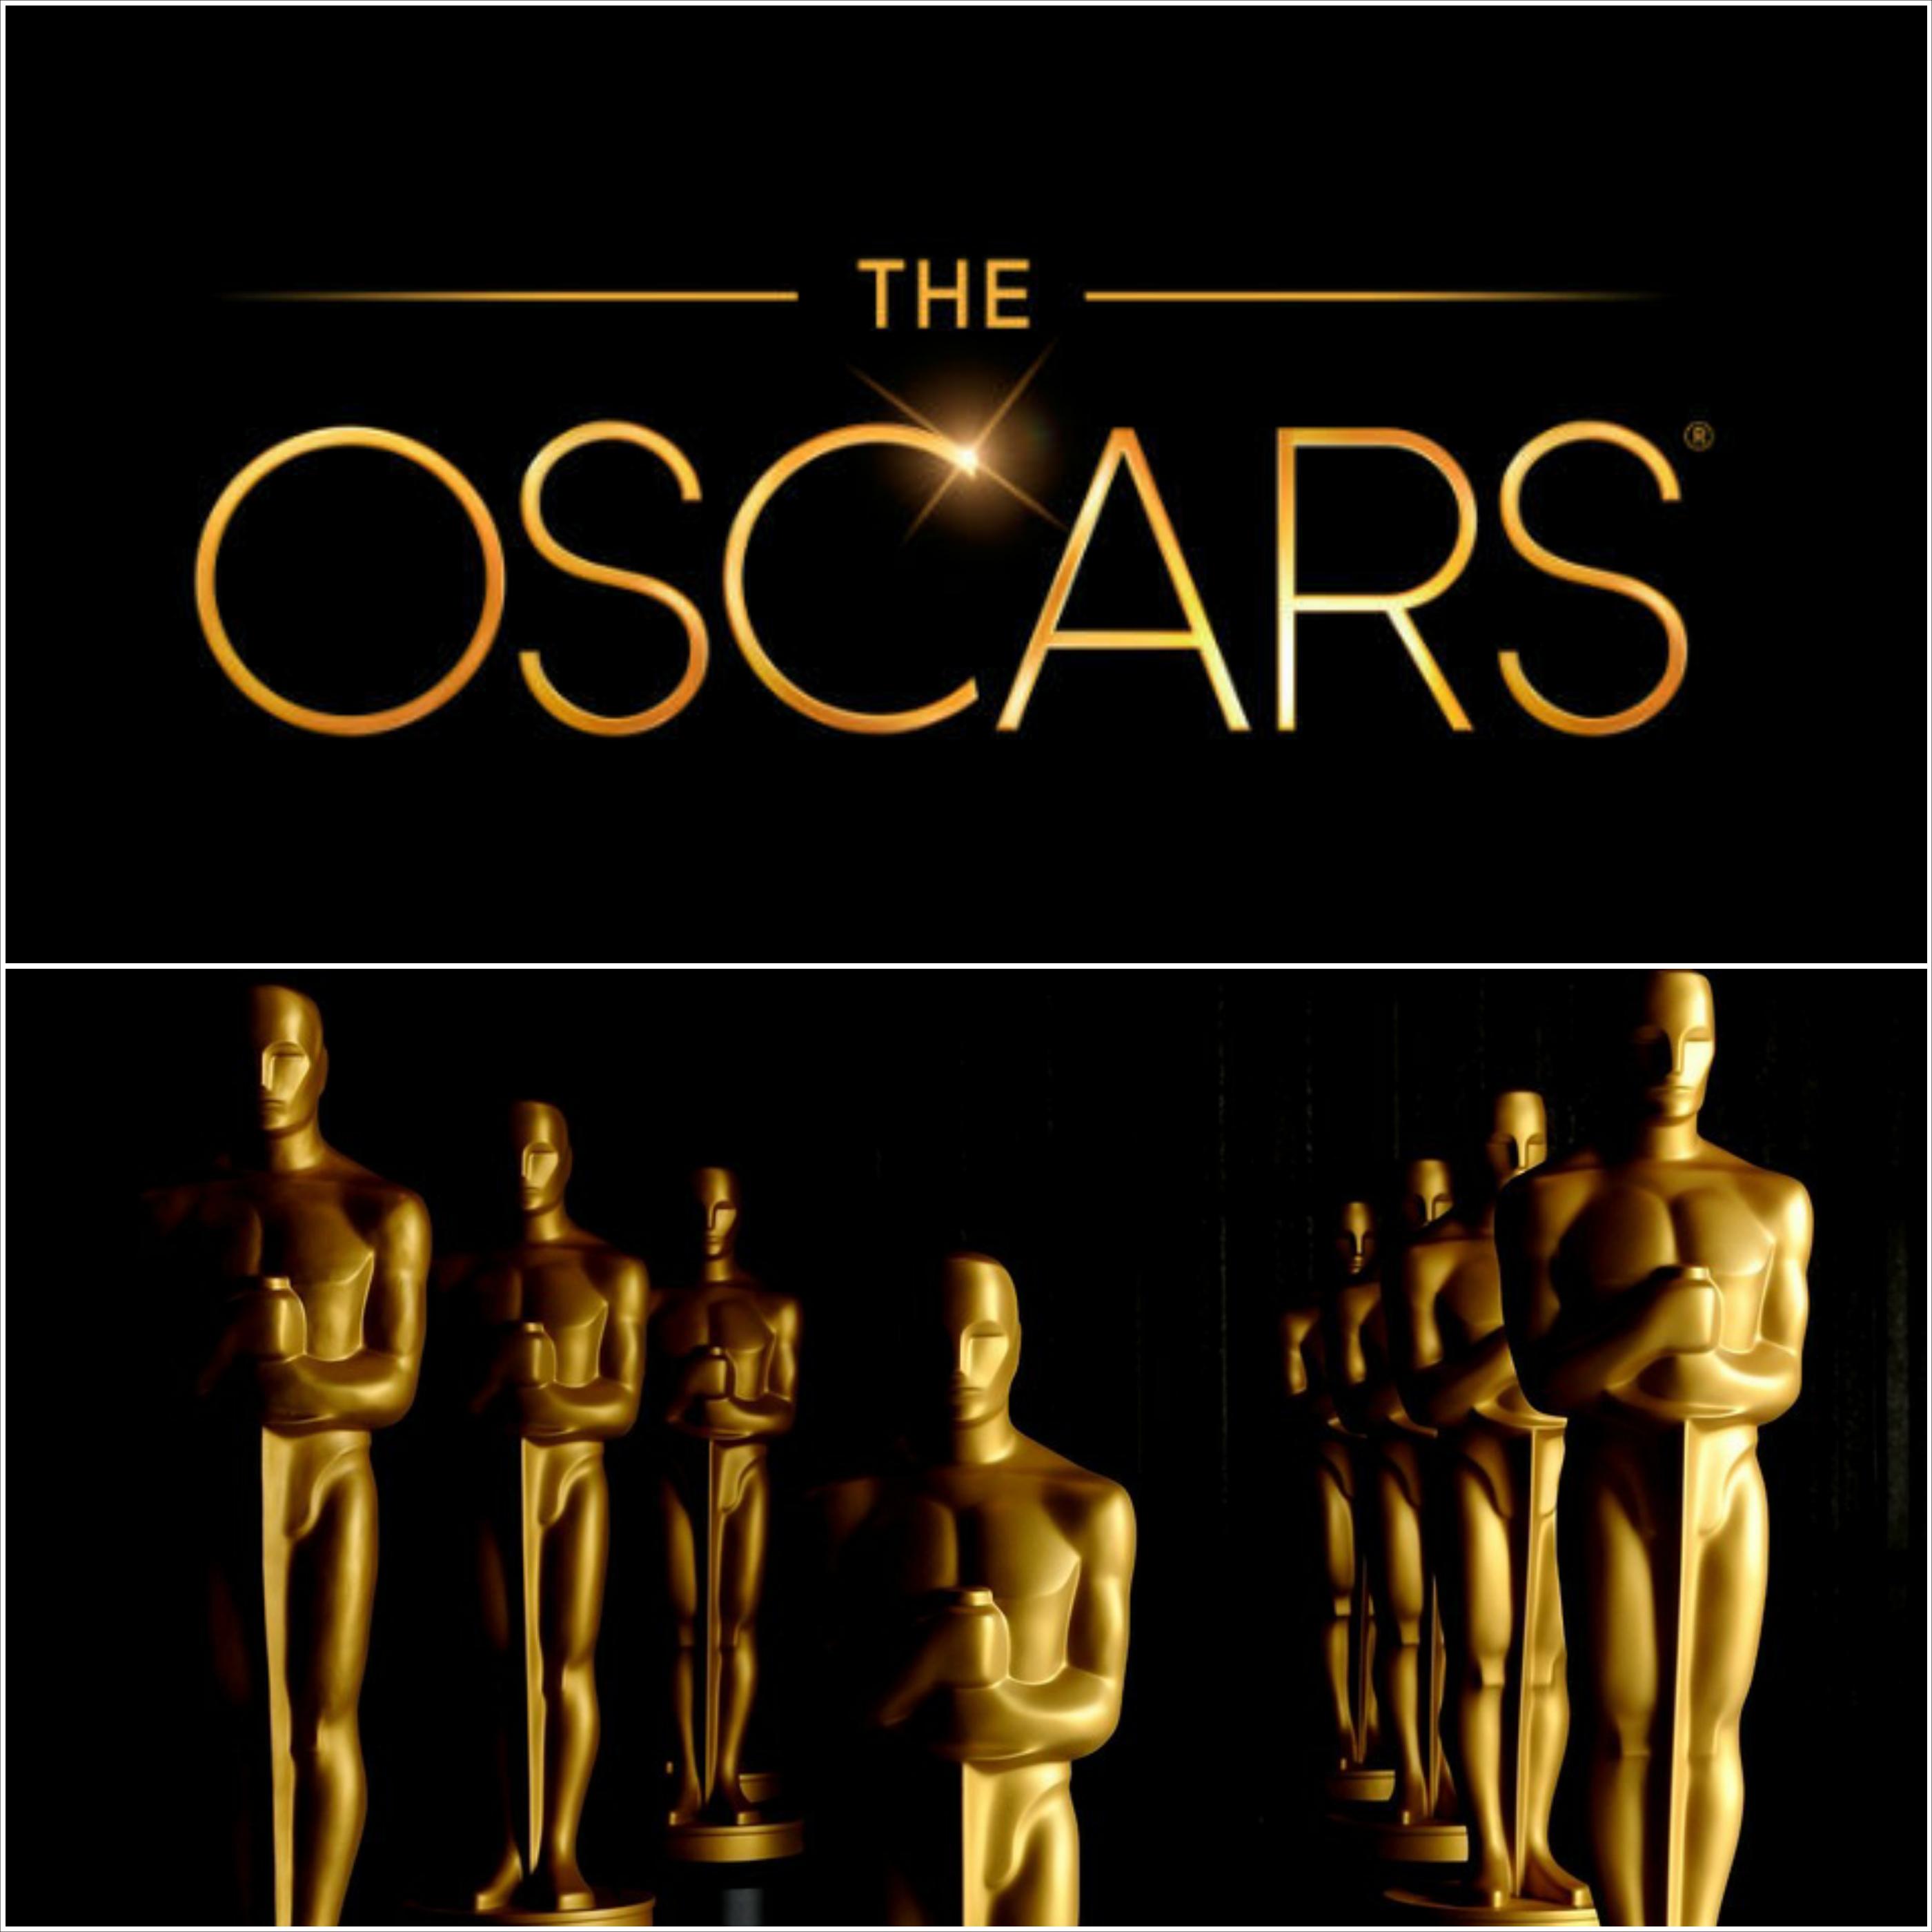 The Oscars 87th Academy Awards Fun Facts